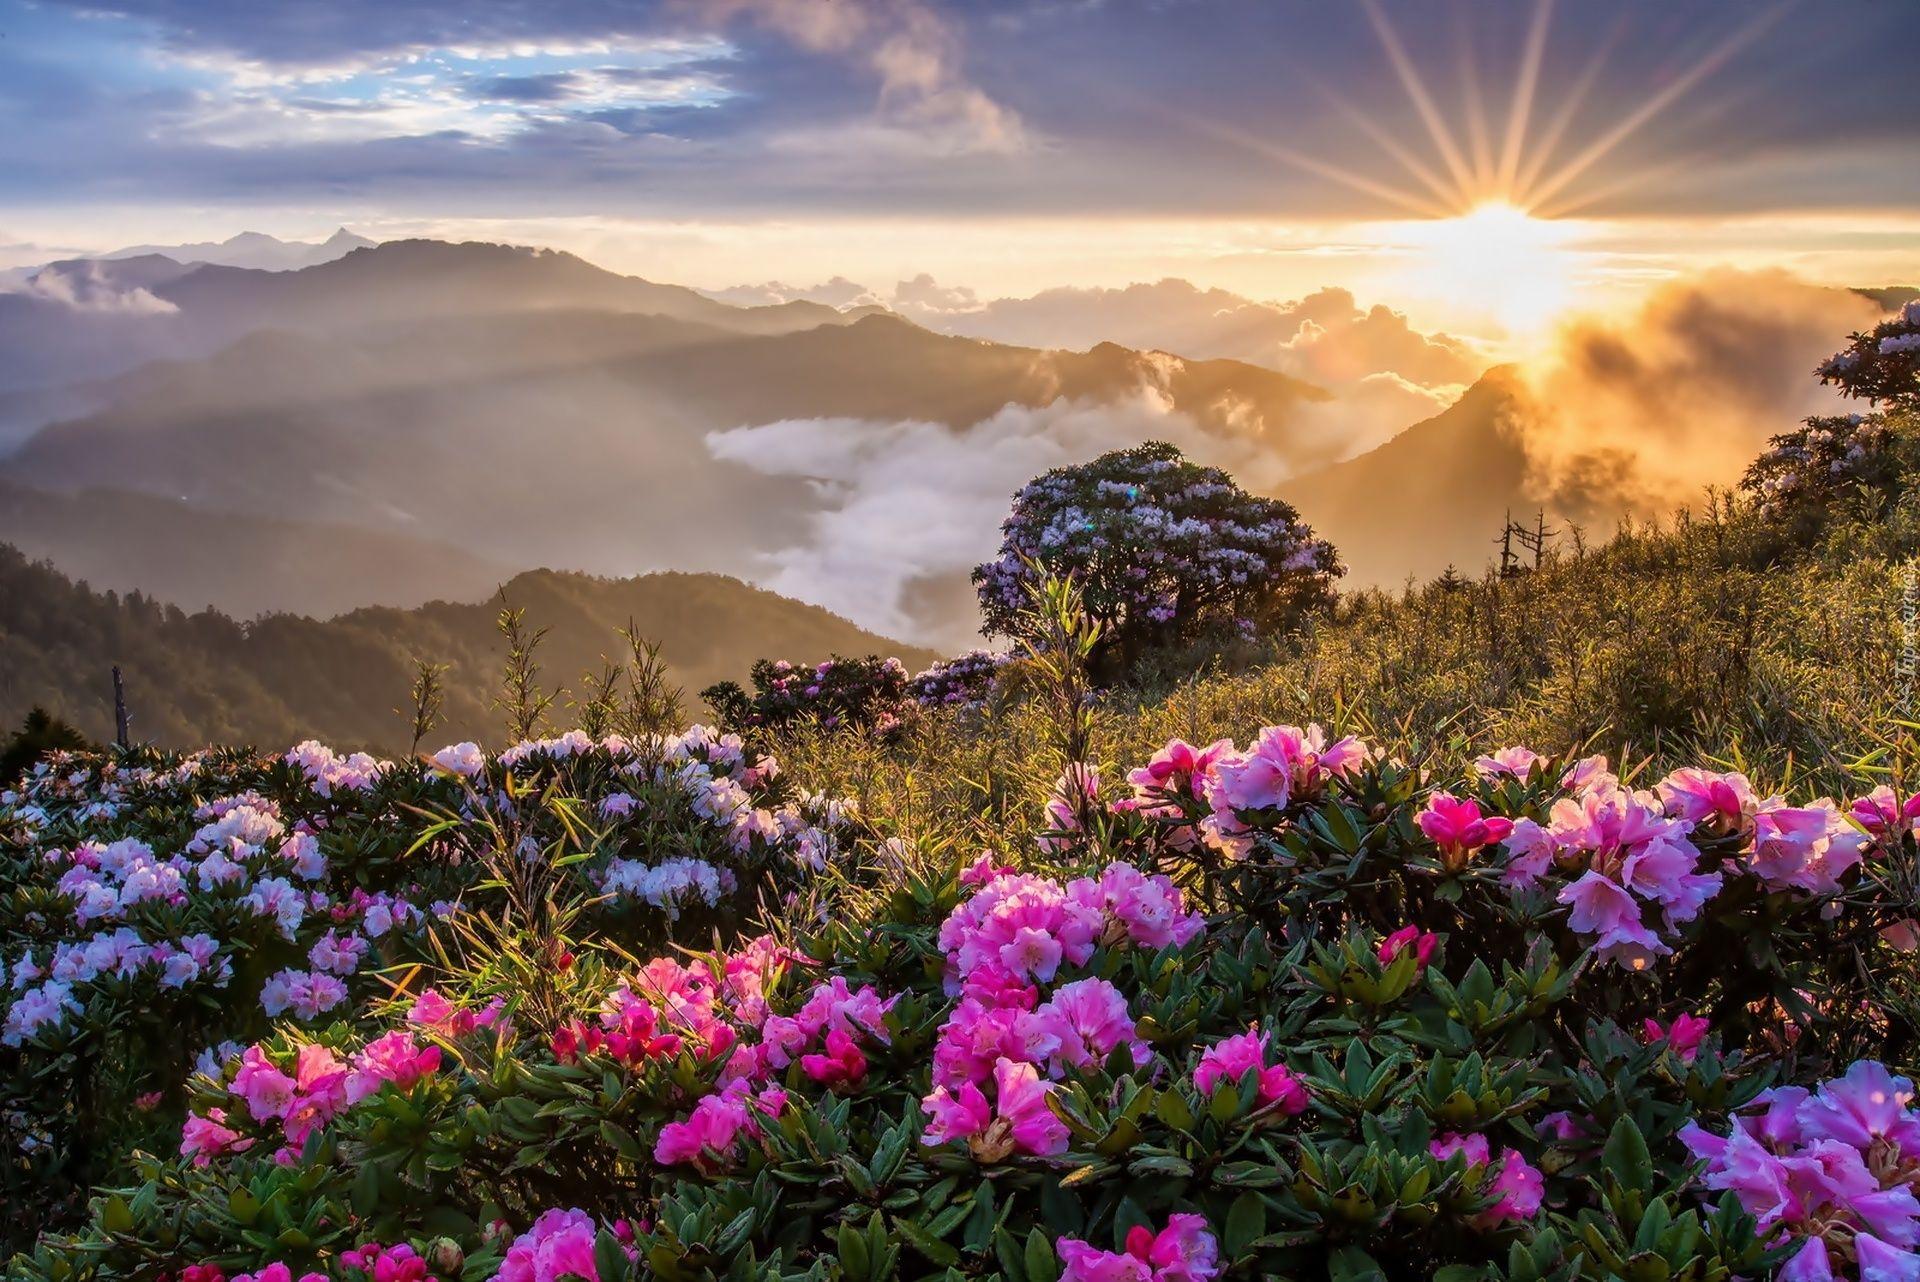 яркие картинки с природой с добрым утром галун цвета